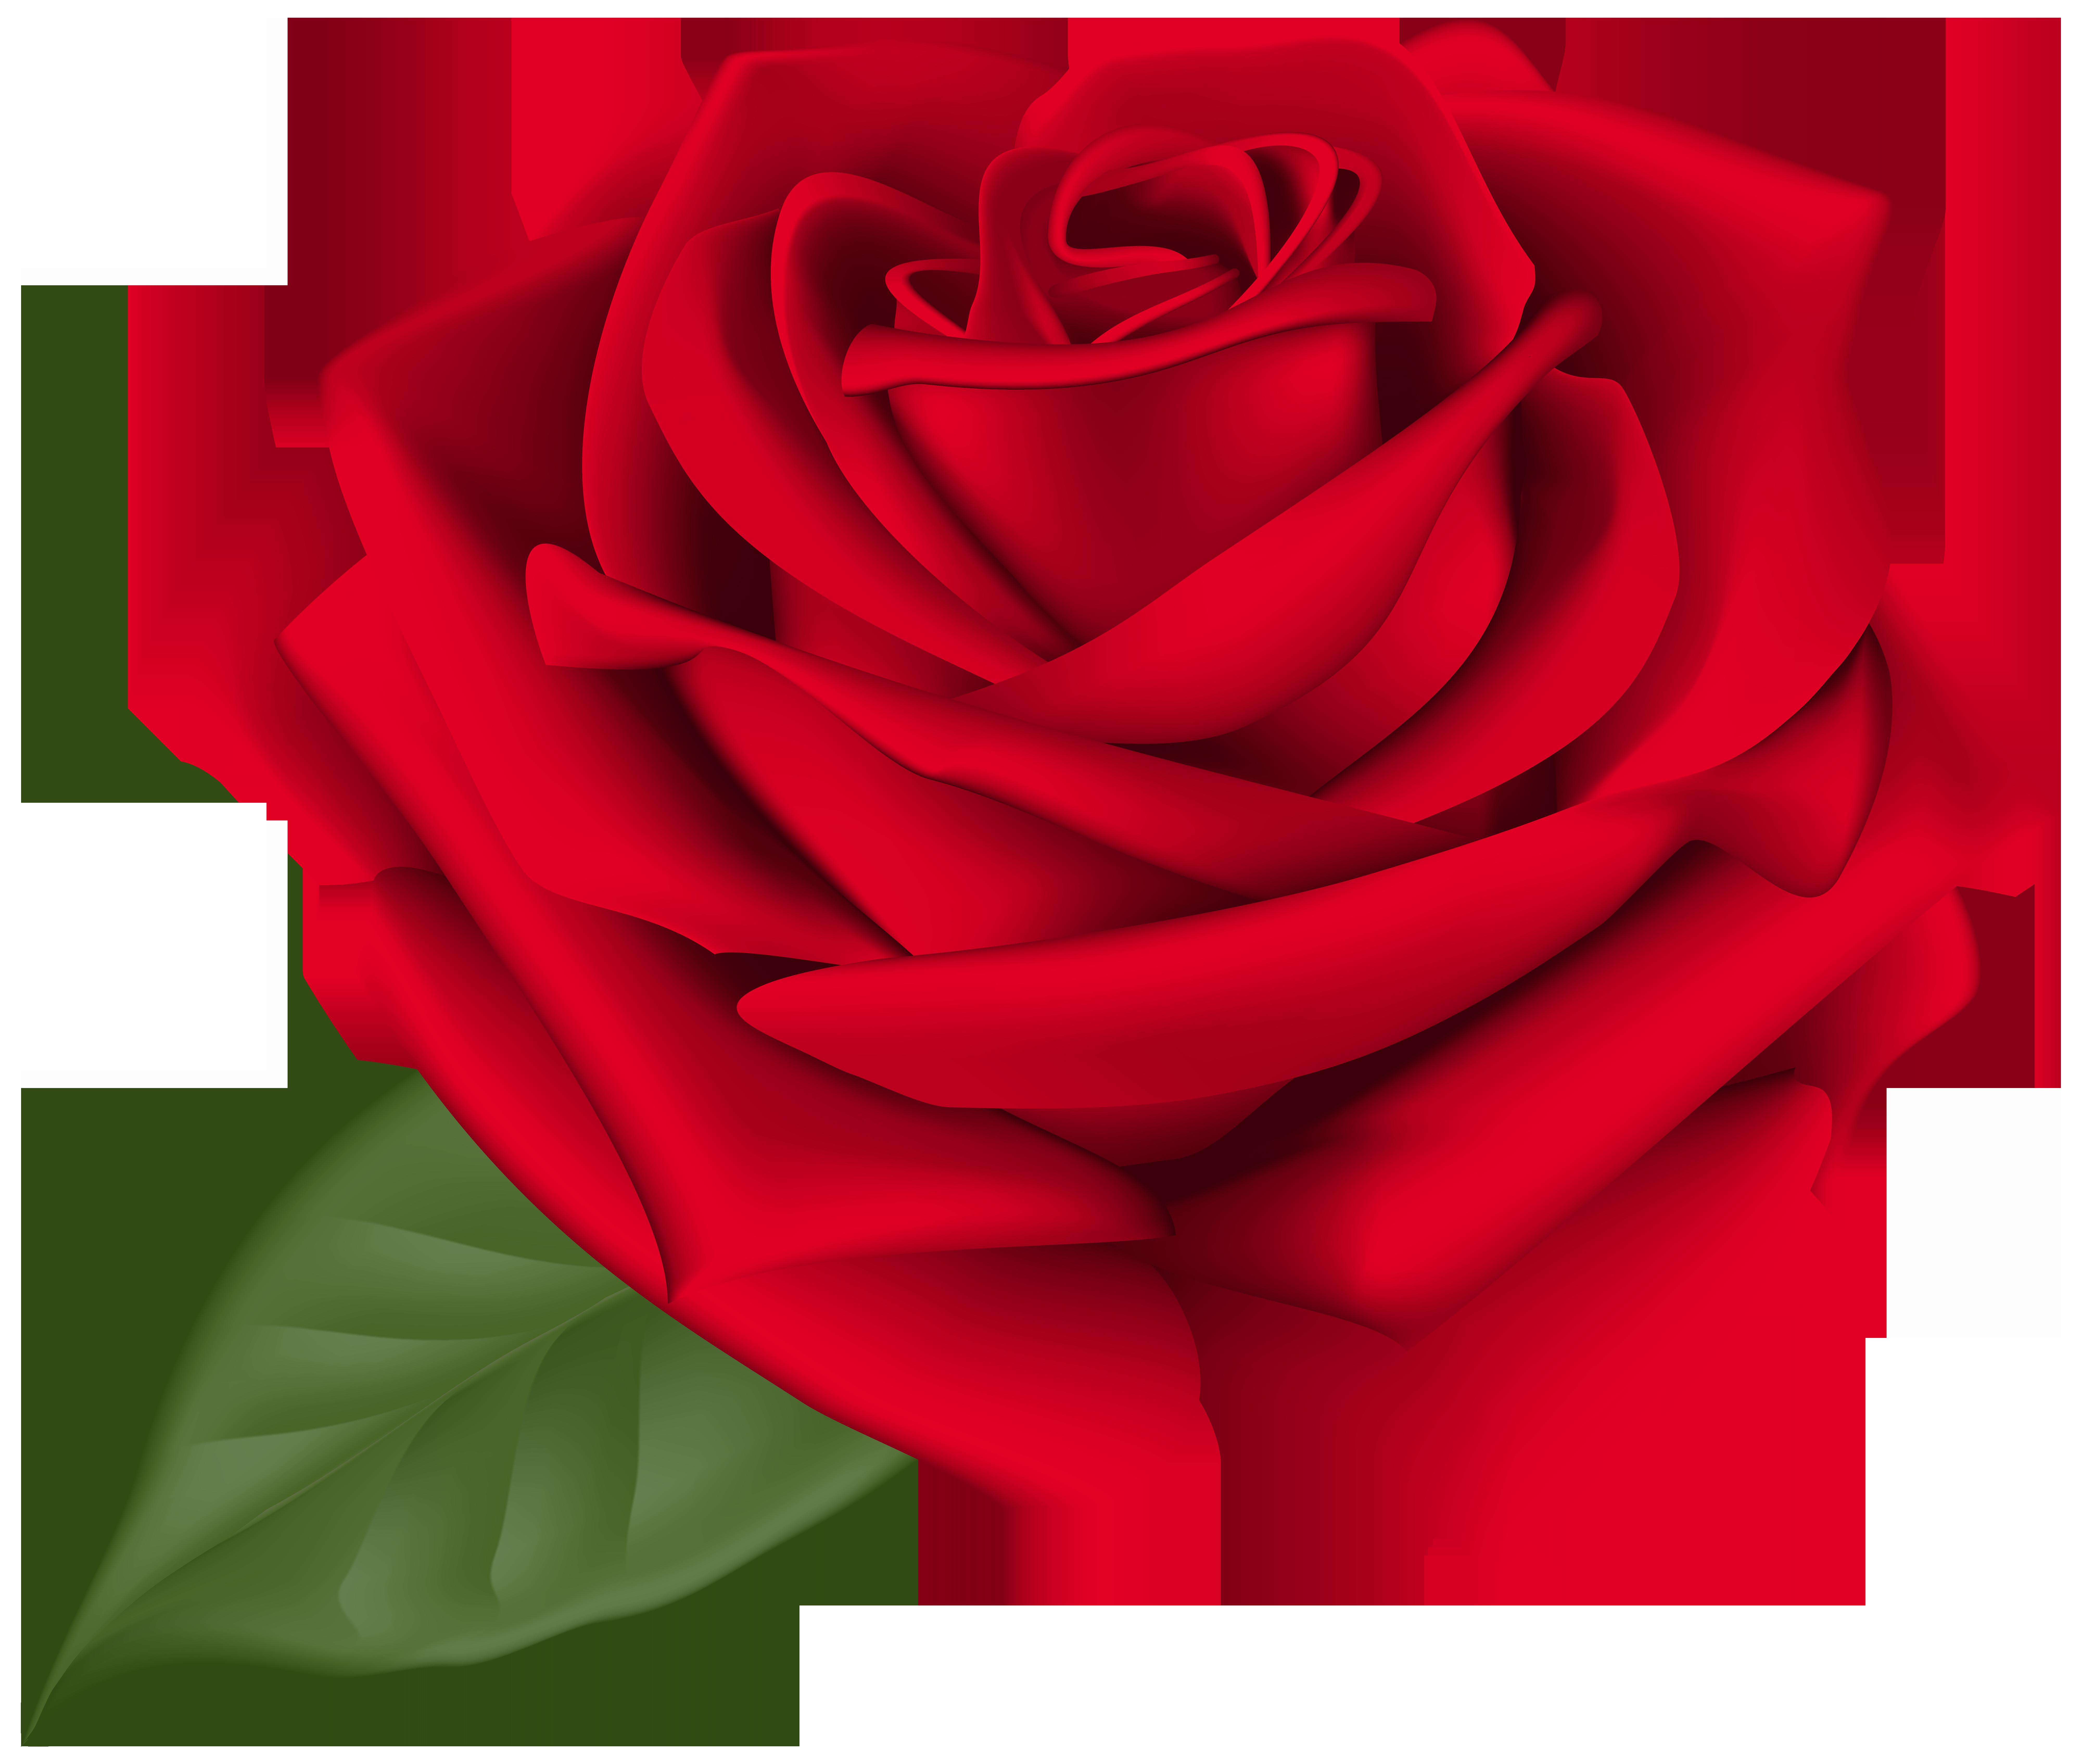 Rose Red Transparent PNG Clip Art Image.